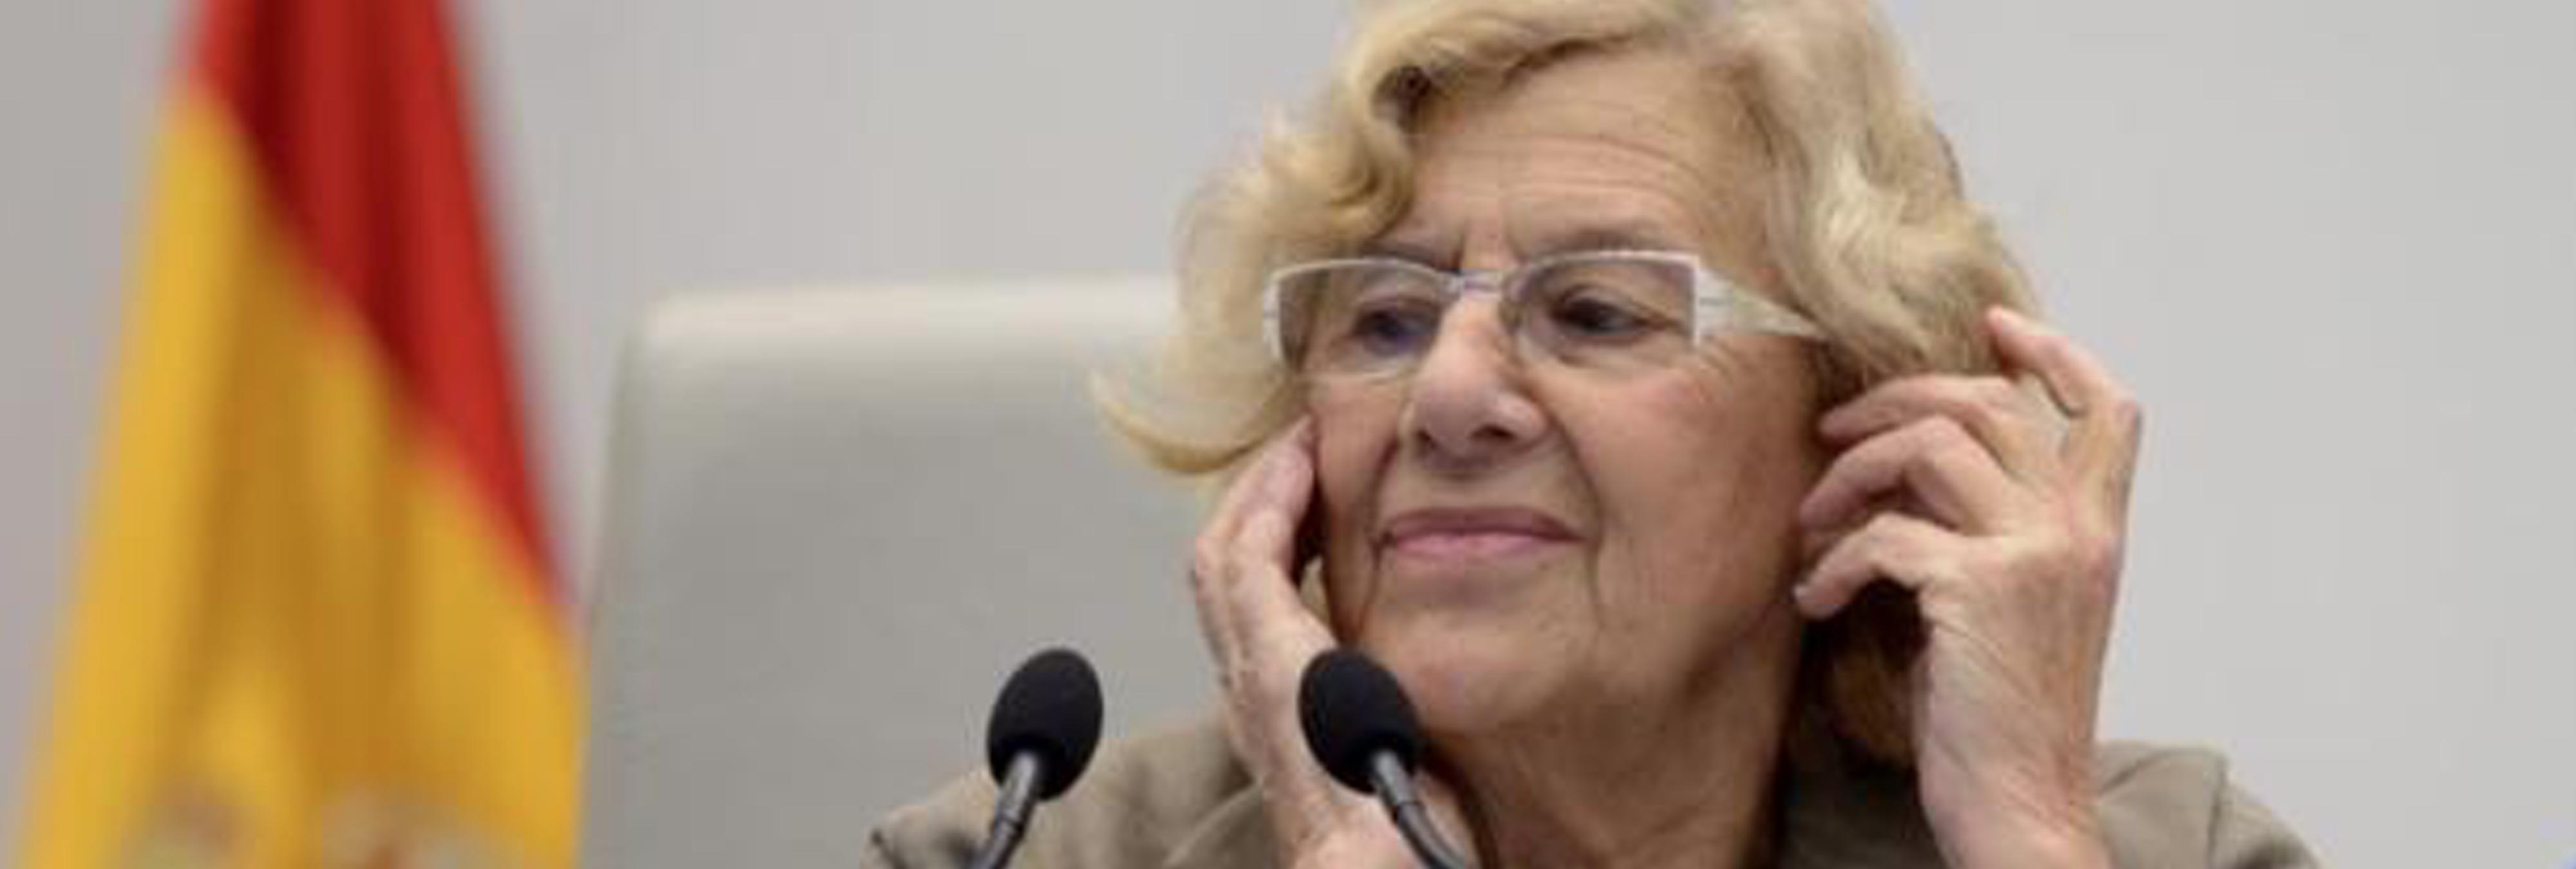 Recogida de firmas para que Carmena sea candidata a presidenta del Gobierno